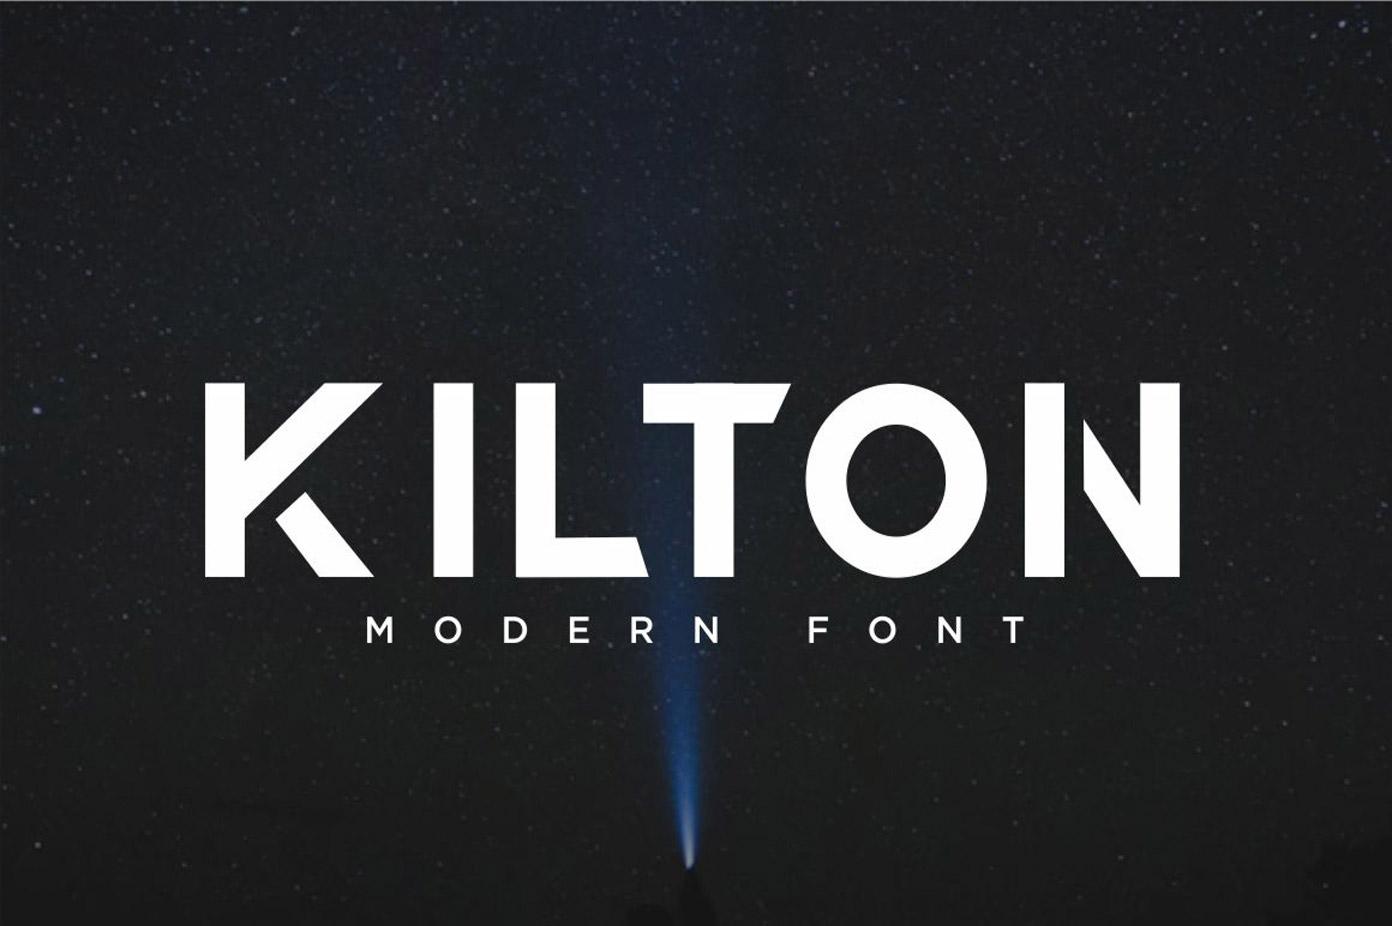 Kilton